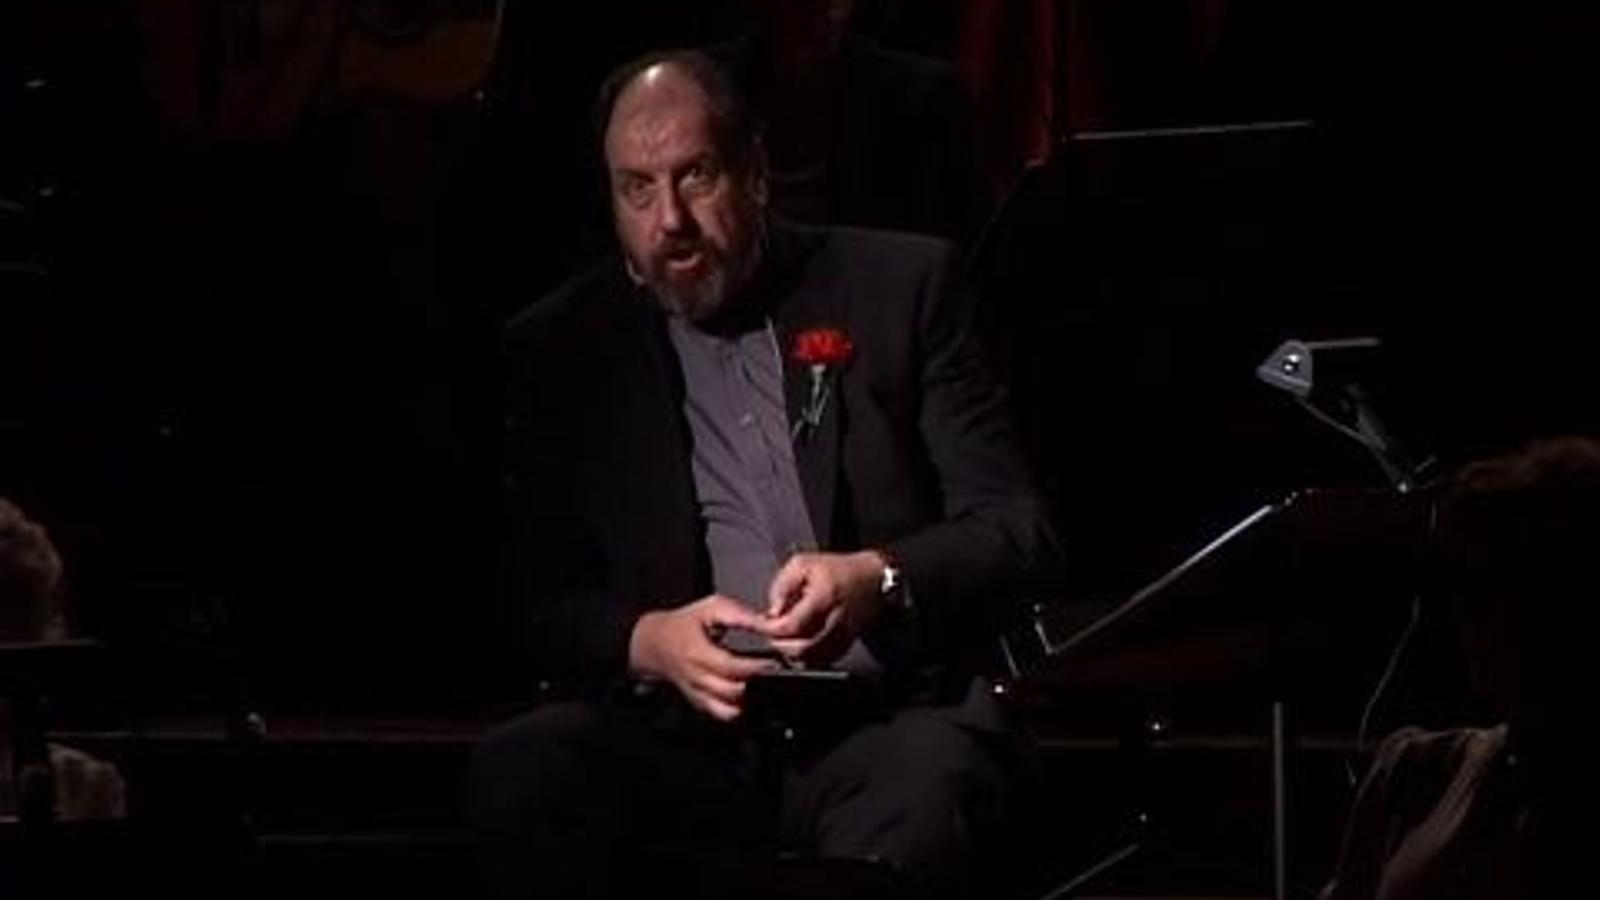 Josep Maria Pou llegeix un fragment d'una obra de Sagarra durant l'homenatge del poeta, dramaturg i periodista al Palau de la Música